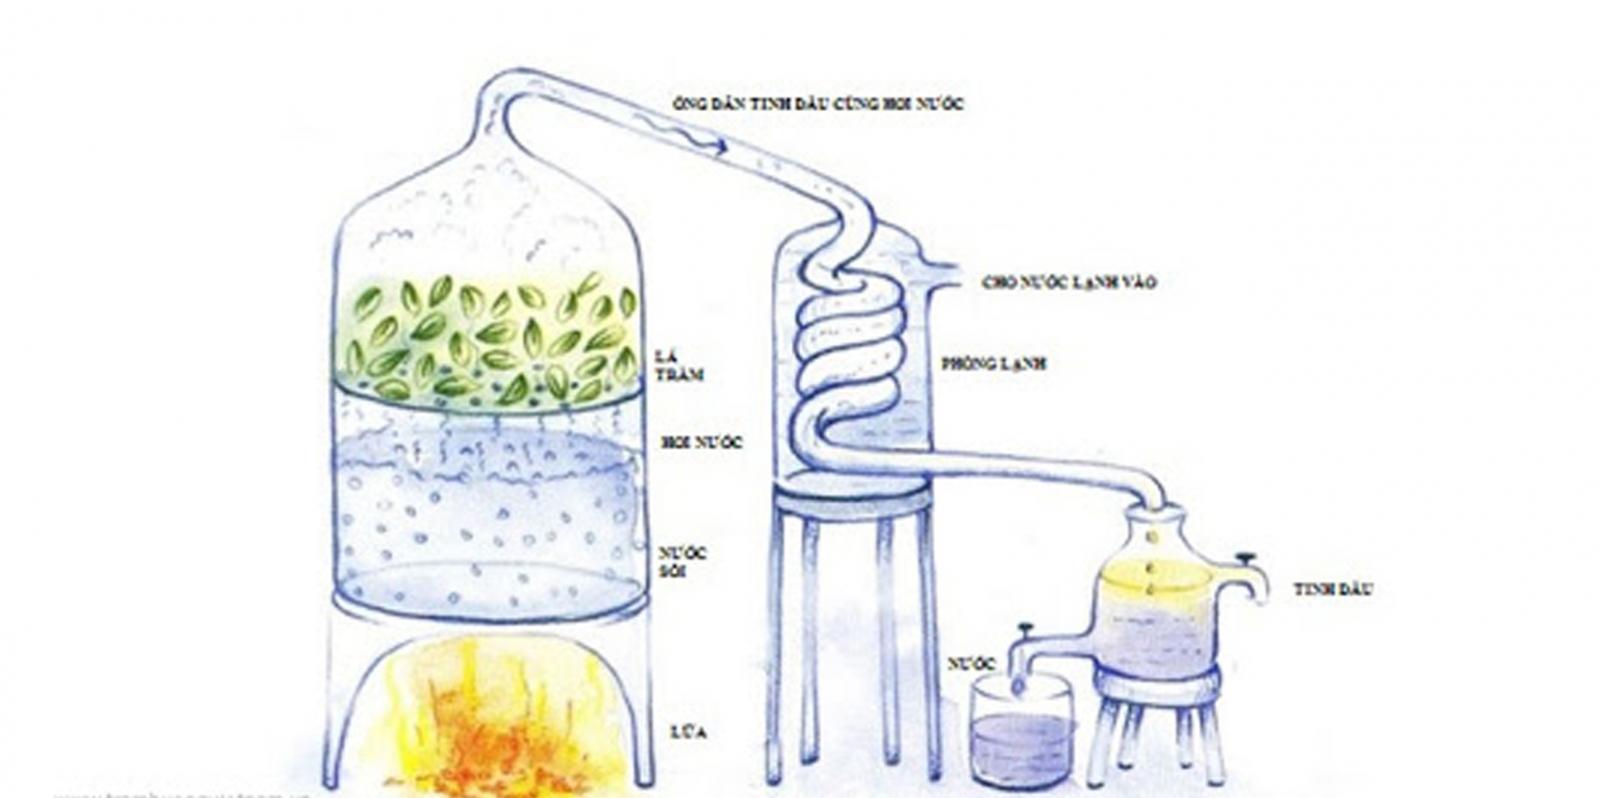 Phương pháp chiết xuất lôi cuốn hơi nước